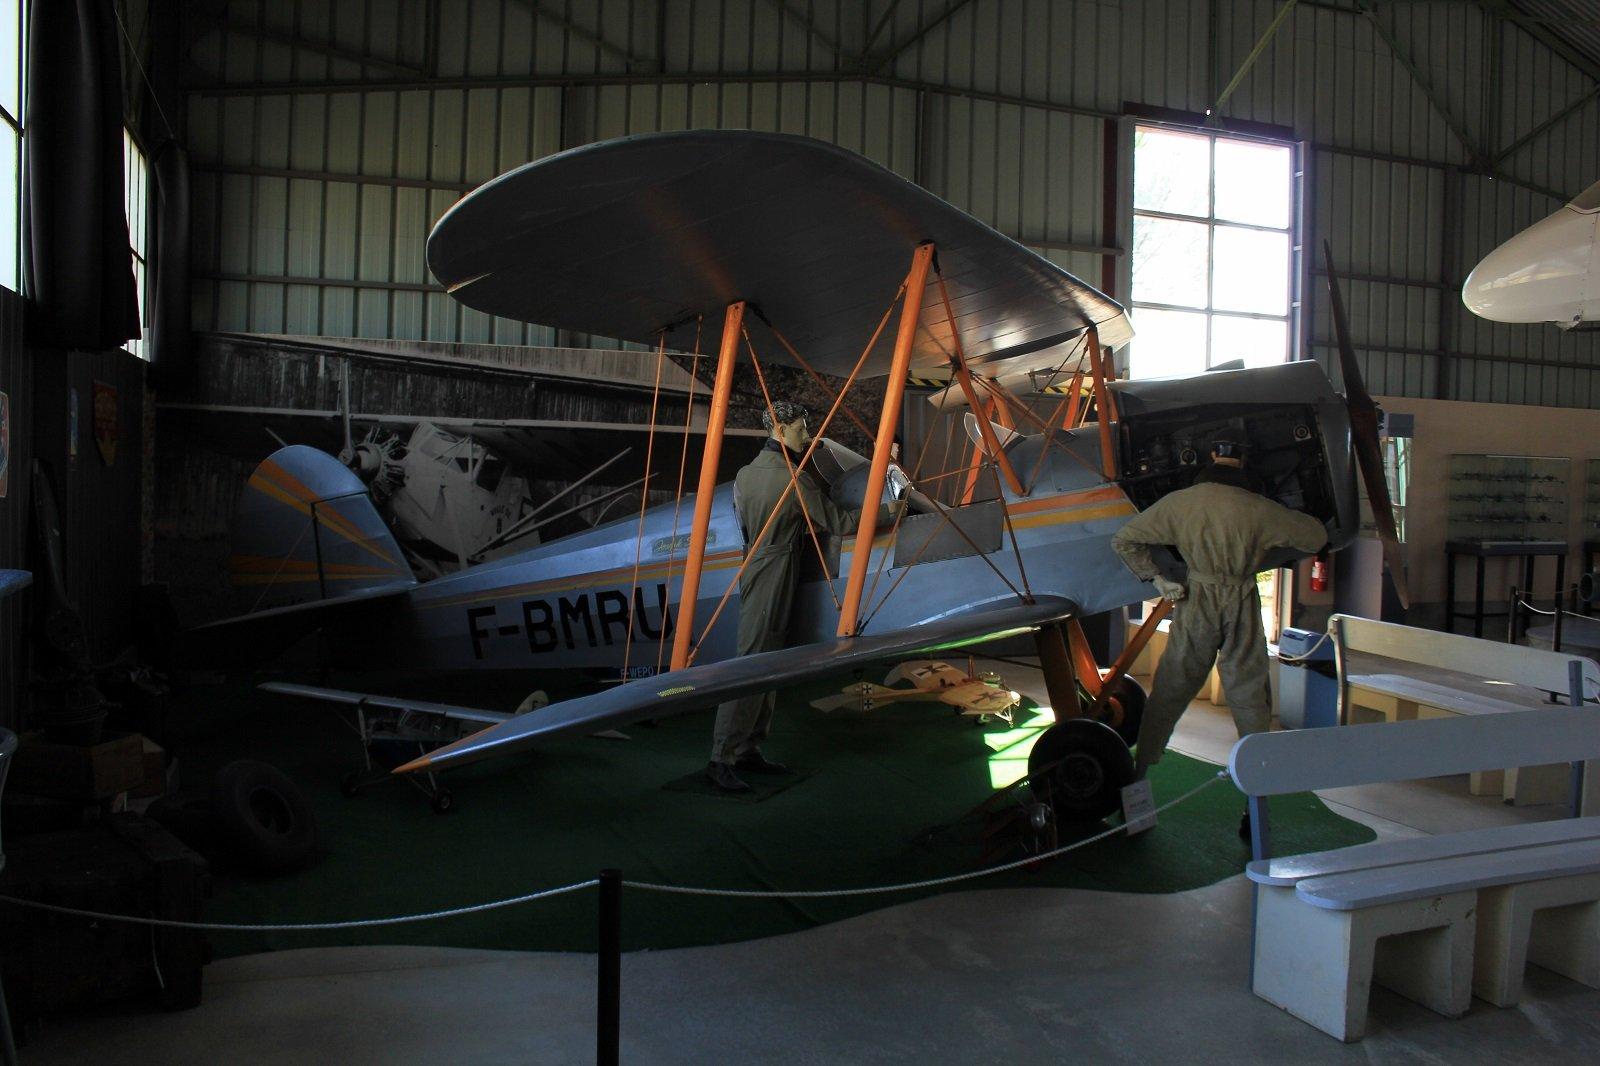 musée de l'aviation de chasse de Montelimar  - Page 2 19103007245042019